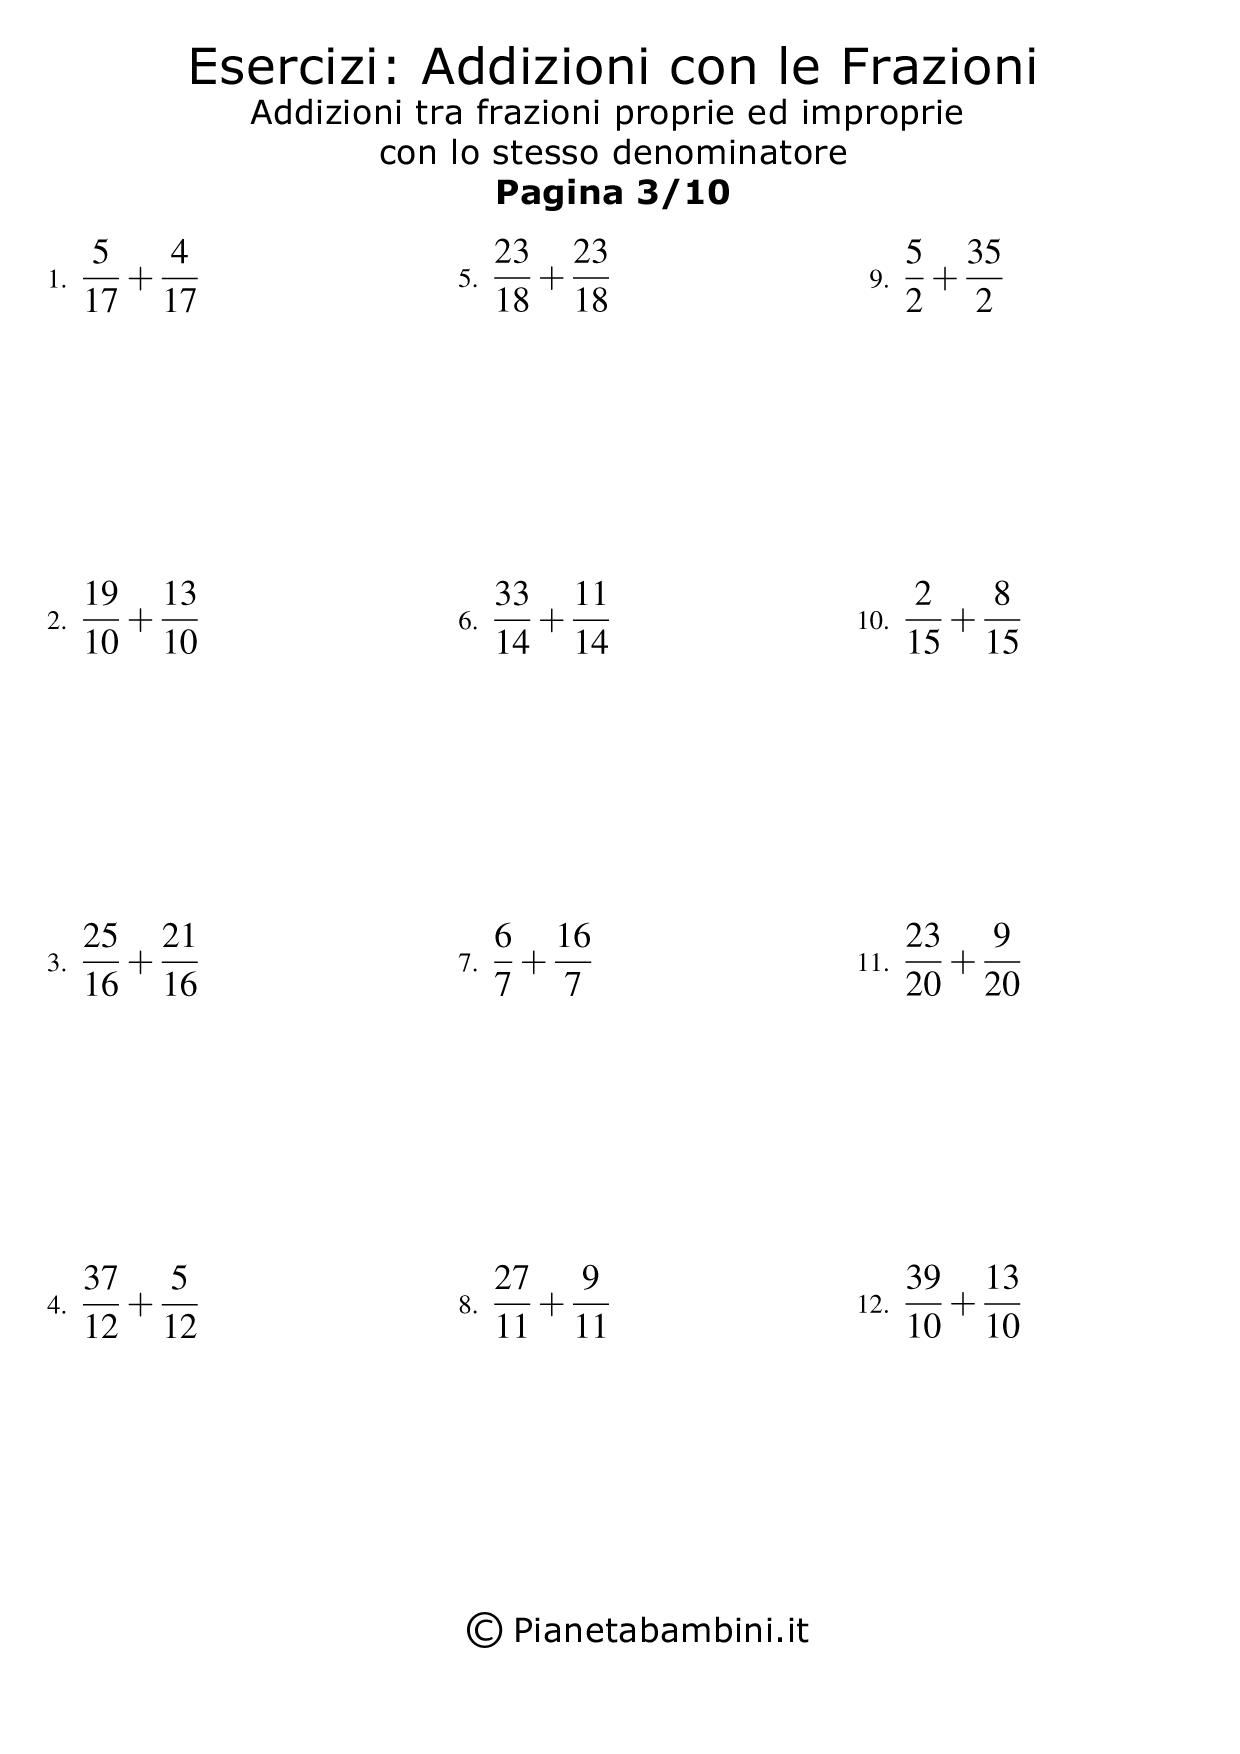 Frazioni-Proprie-Improprie_03